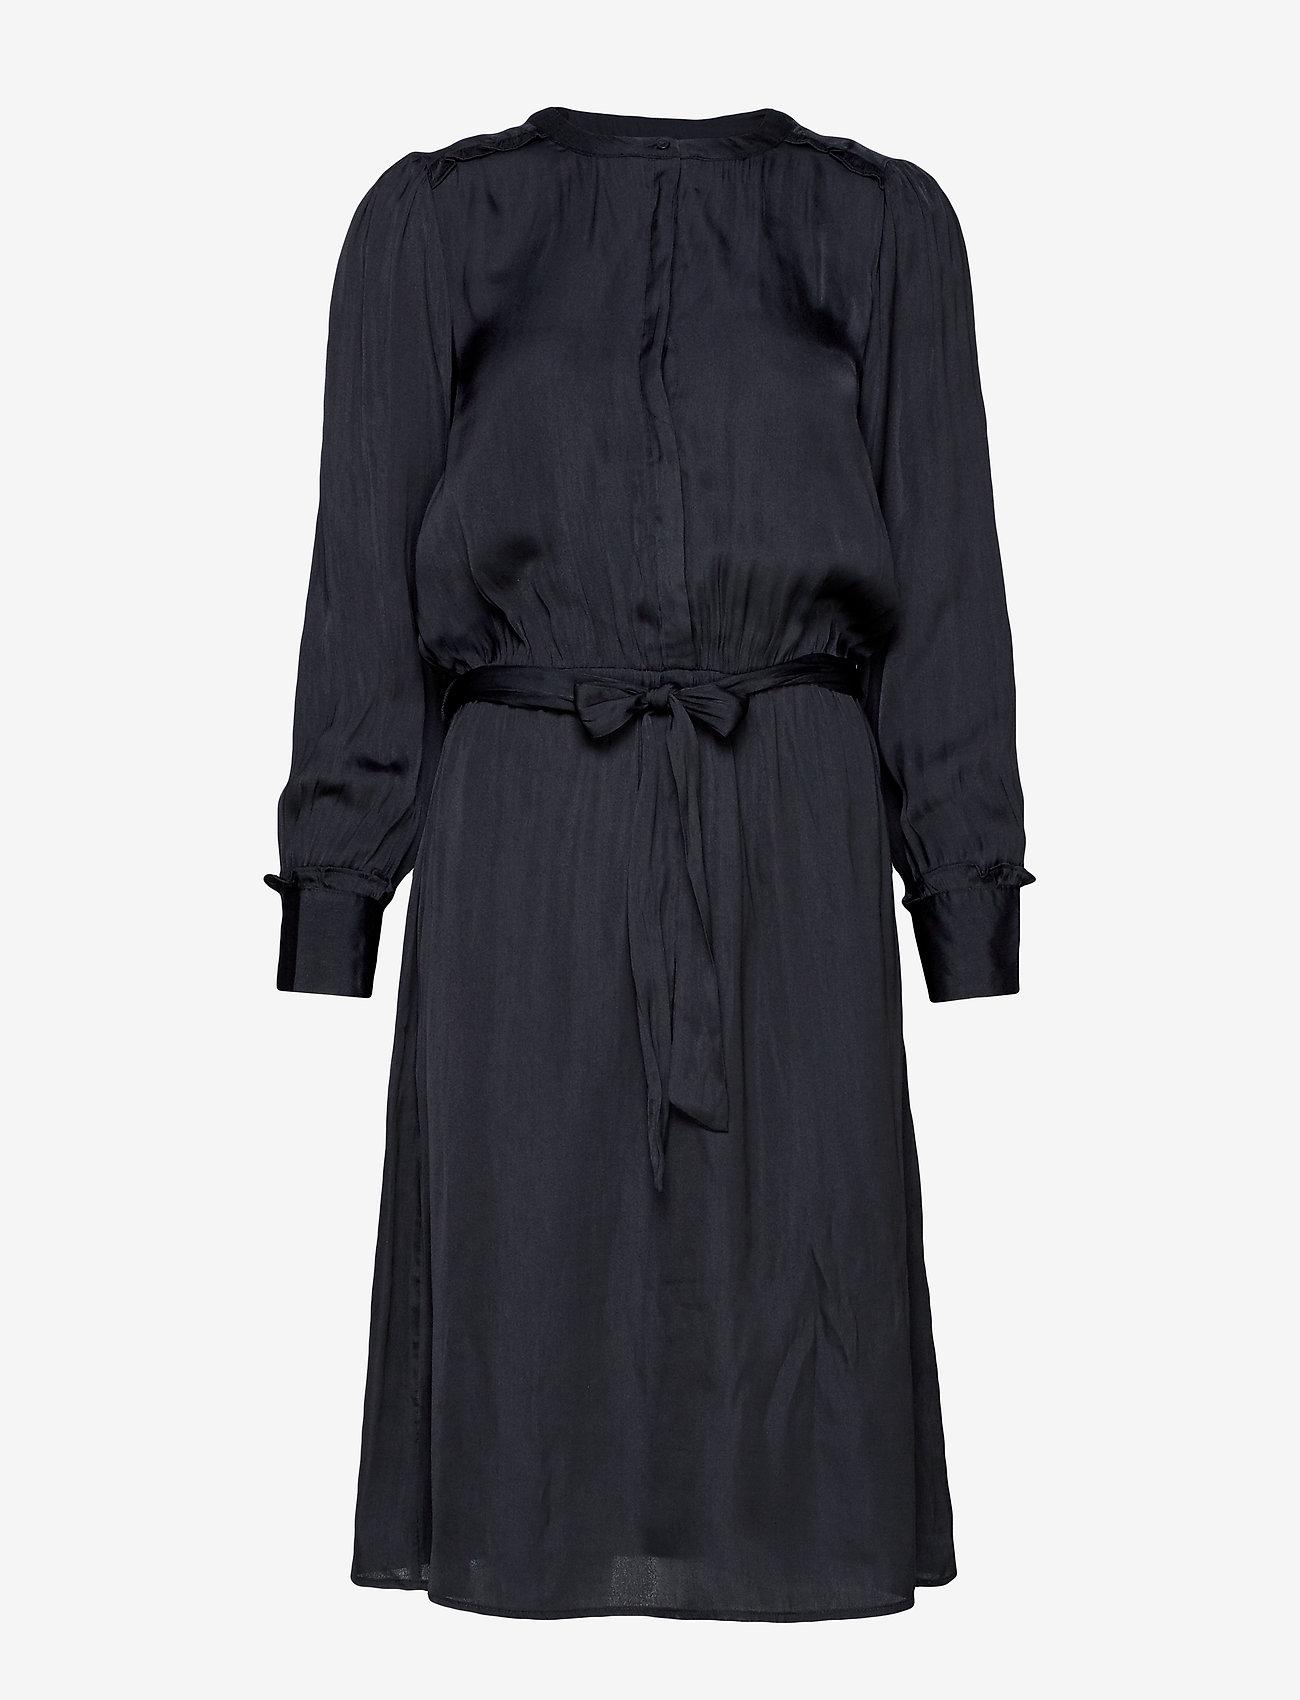 Soyaconcept SC-PAMELA - Kjoler BLACK - Dameklær Spesialtilbud